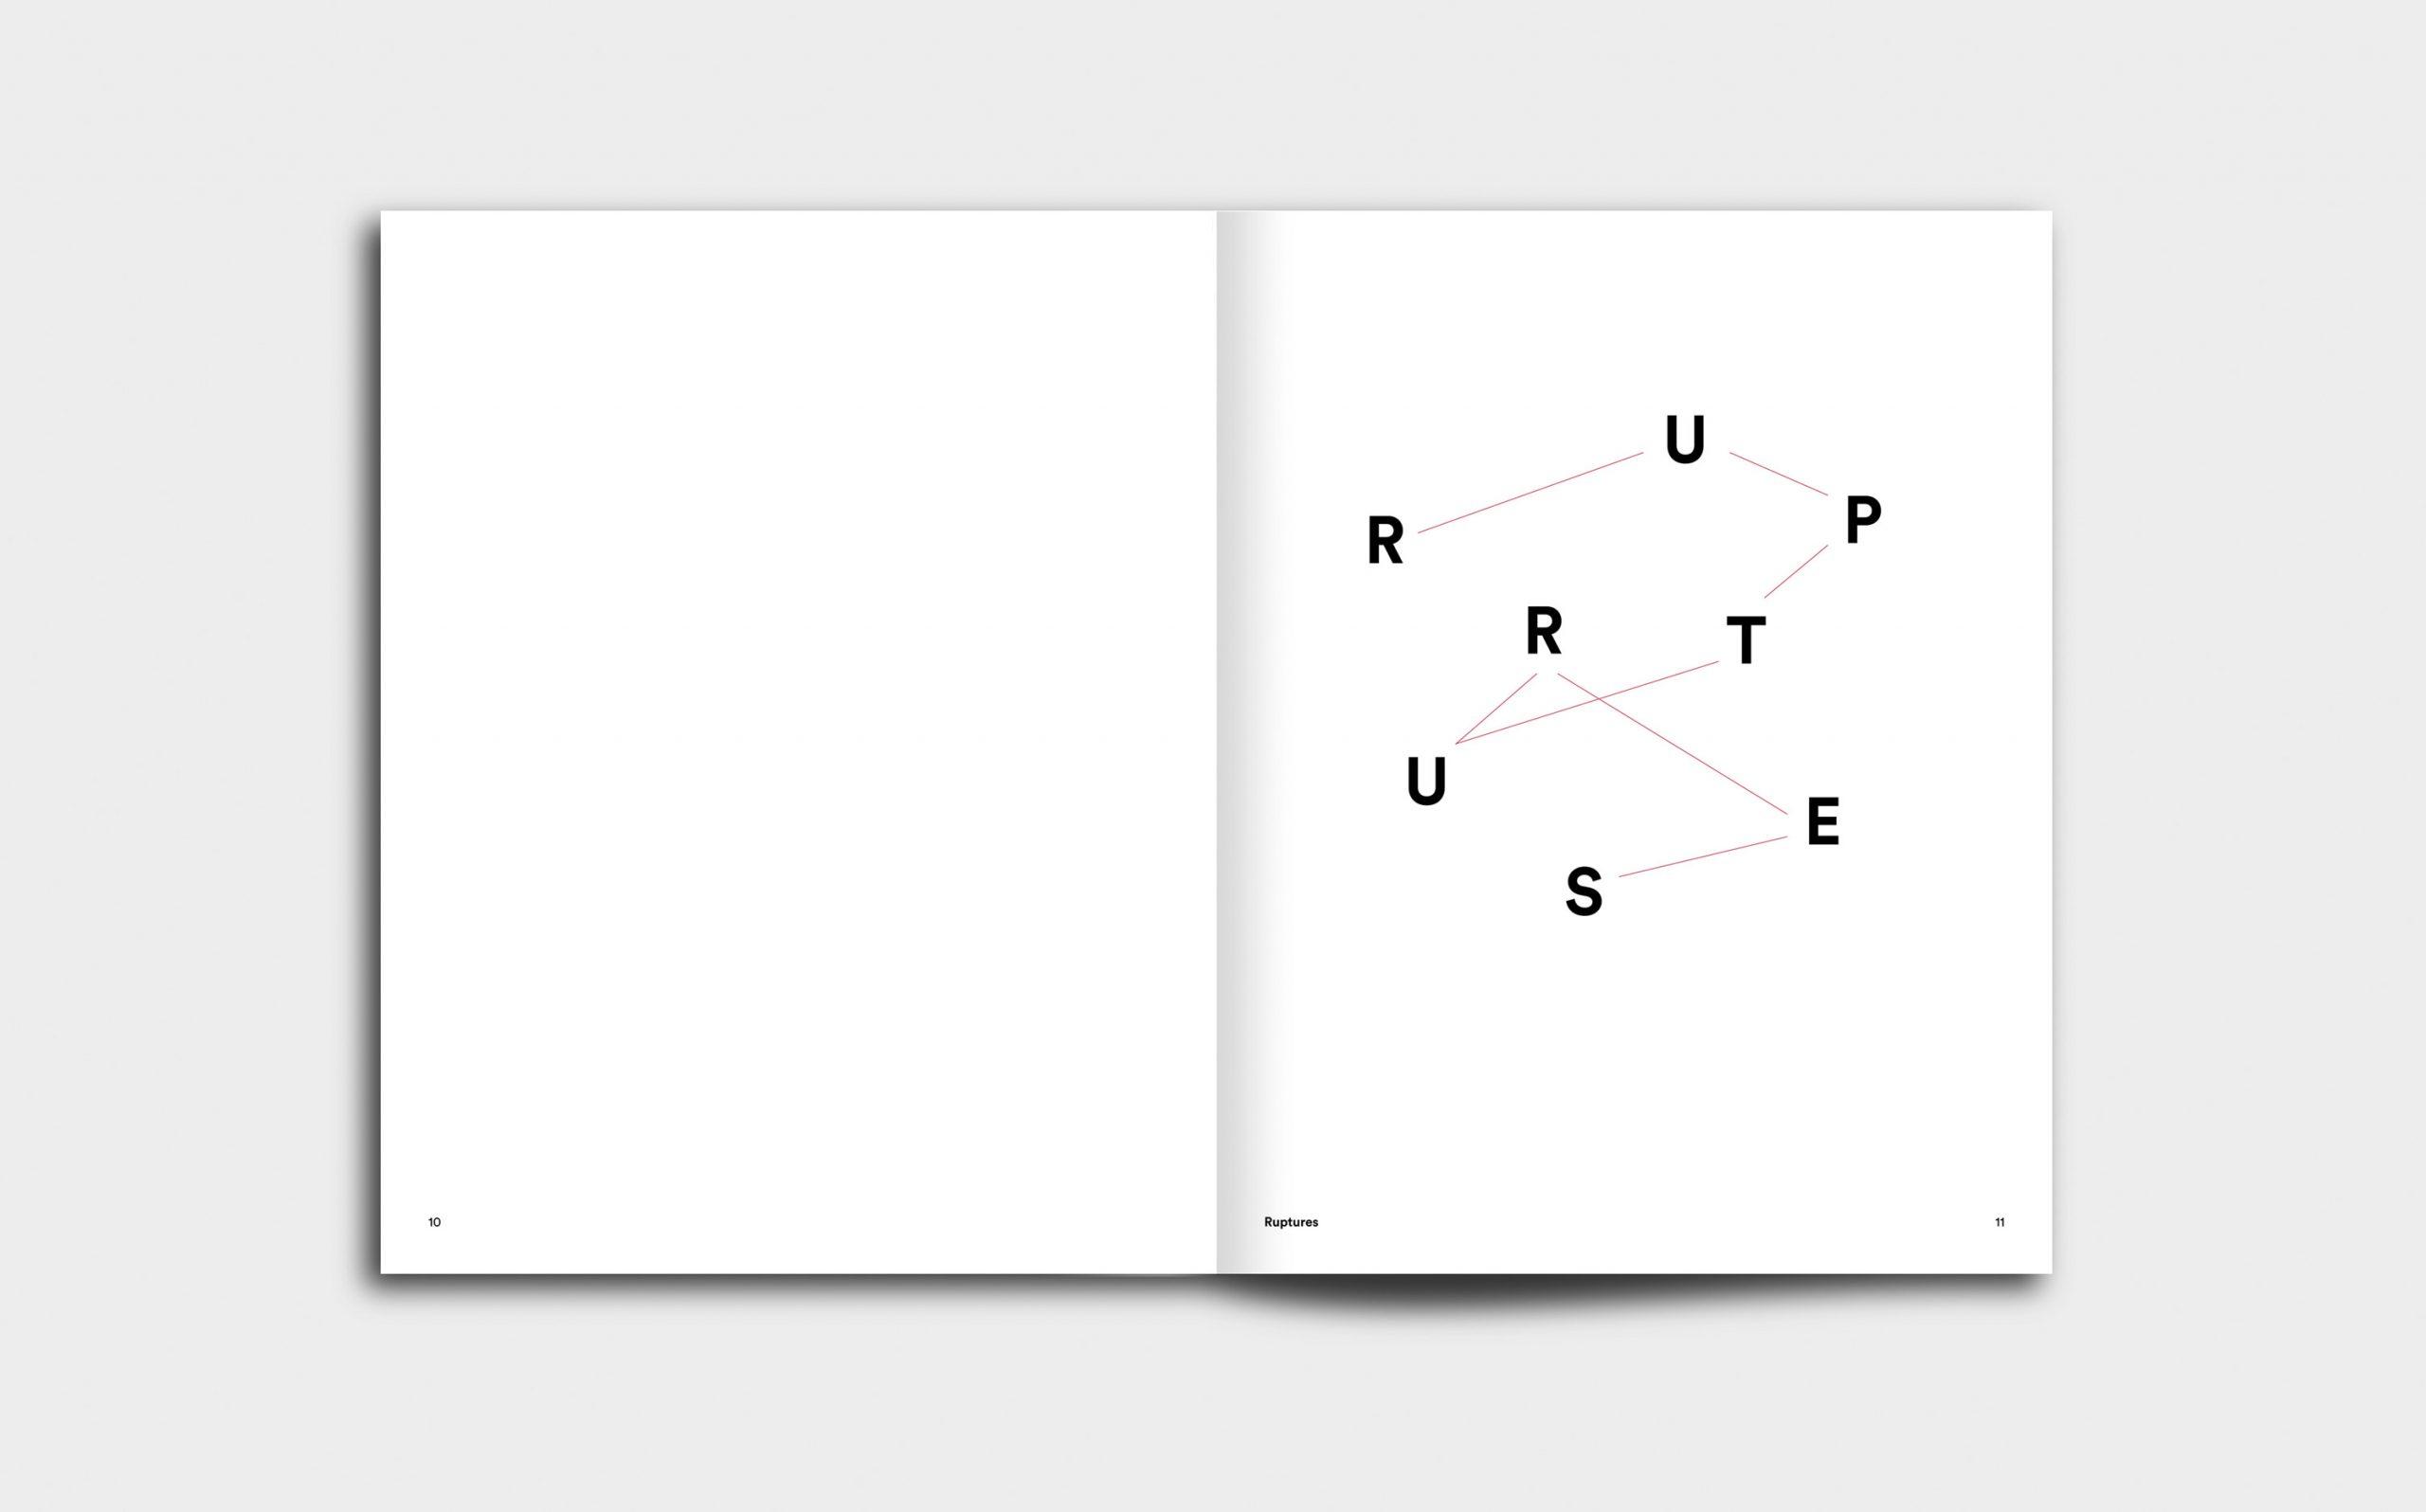 Juliana Herrero – REM 1:1 | Kapitel Opener mit grafischer Inszenierung des Titels »Ruptures« | Keywords: Editorial Design, Artist Book, Künstlerbuch, Buchgestaltung, Grafikdesign, Design, Typografie